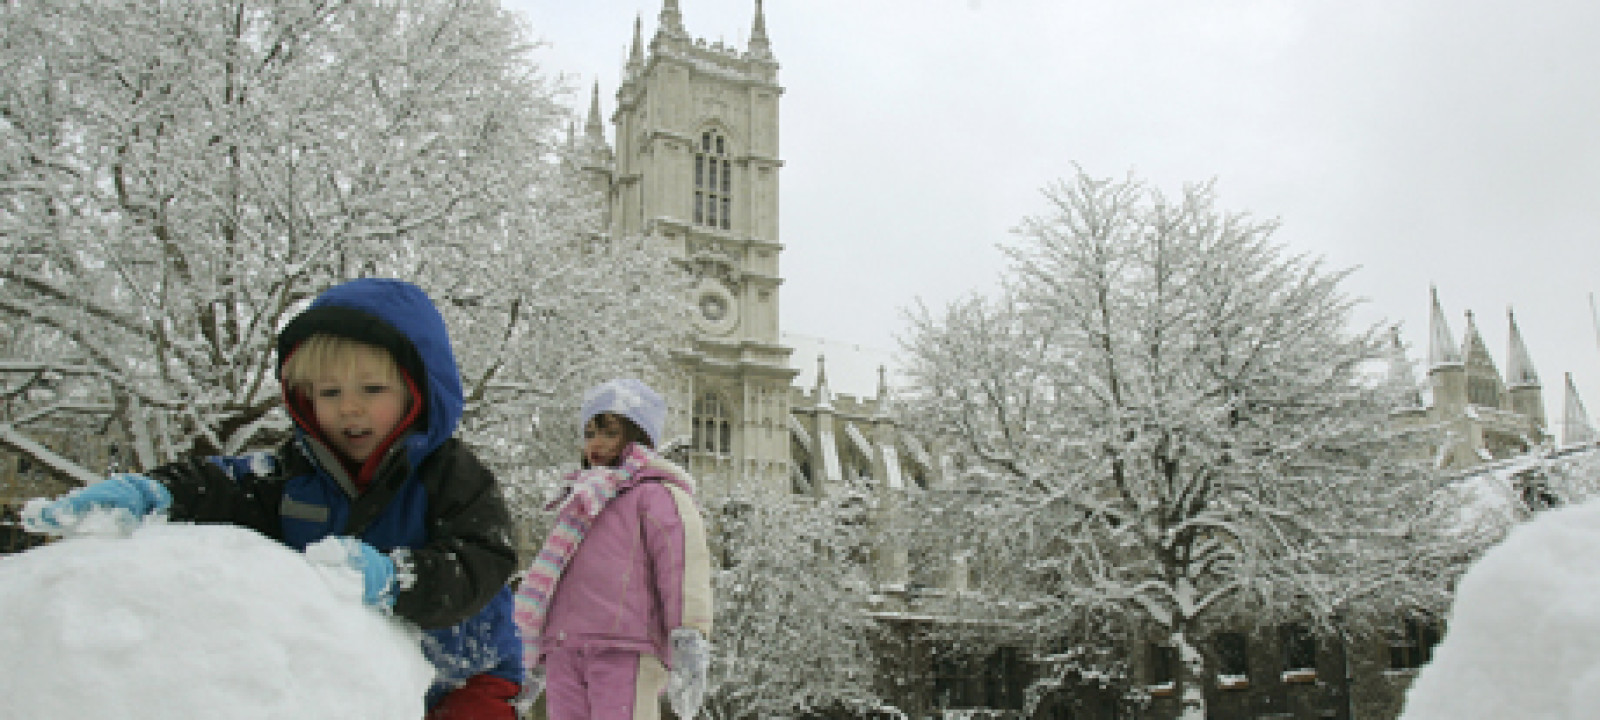 BRITAIN Weather